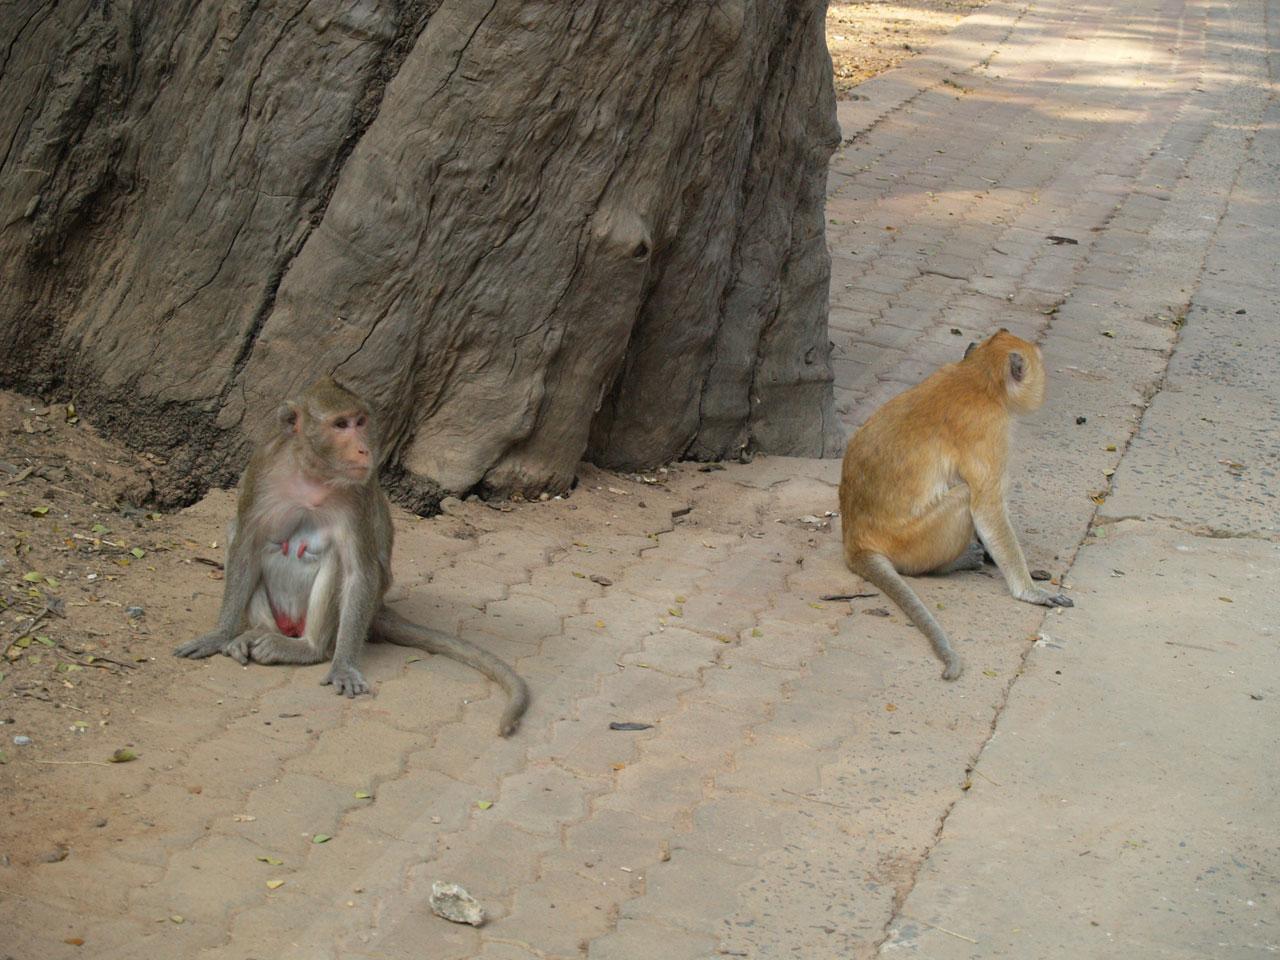 ดูชัดๆ ความแตกต่างของลิงขนสีเทาพันธุ์ดั้งเดิม และลิงขนสีทองที่เป็นยีนส์ด้อย